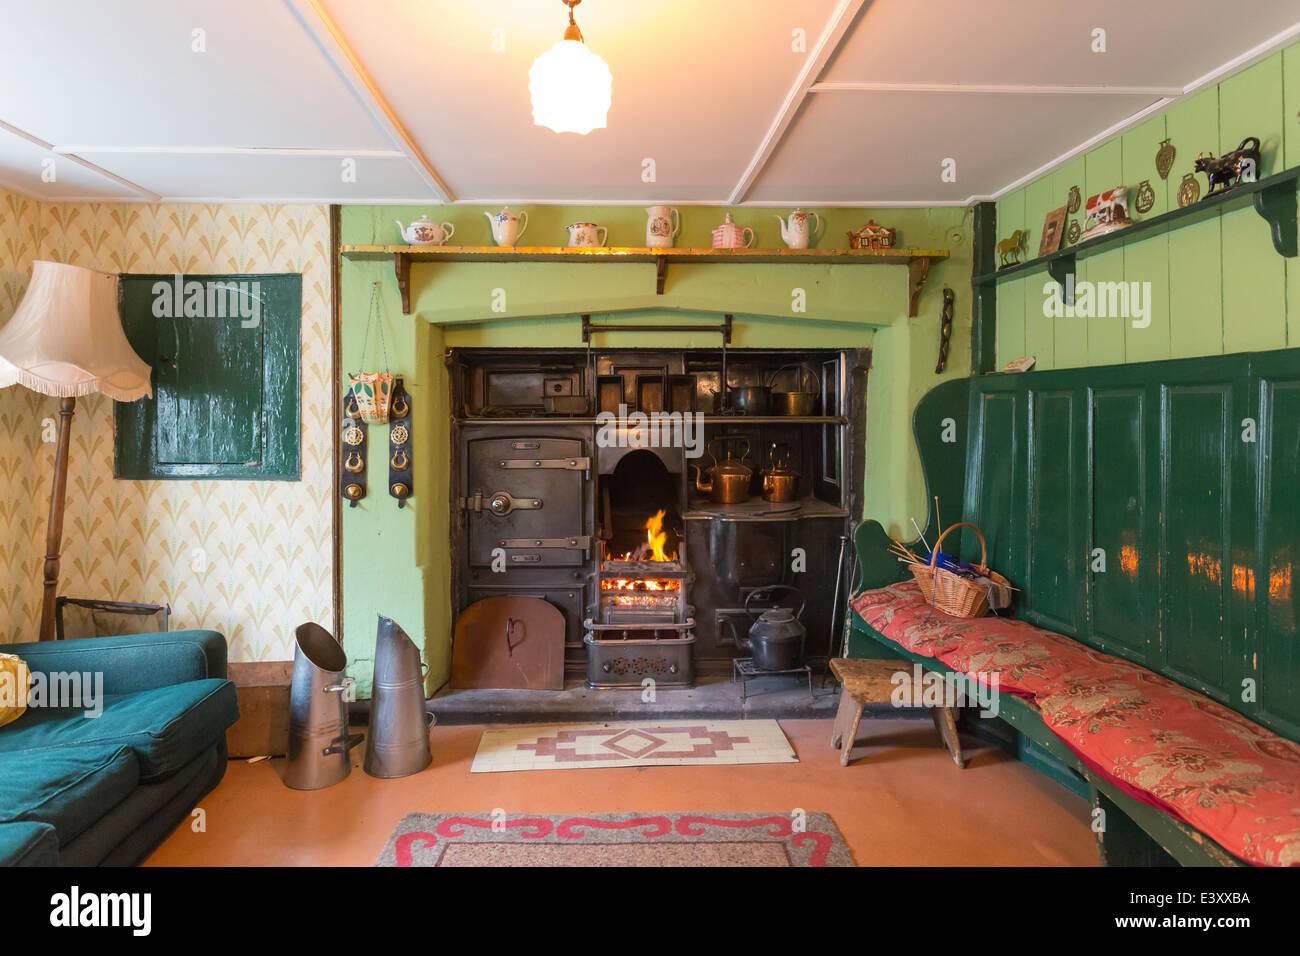 Wohnzimmer 21 Stockfotos und  bilder Kaufen   Alamy